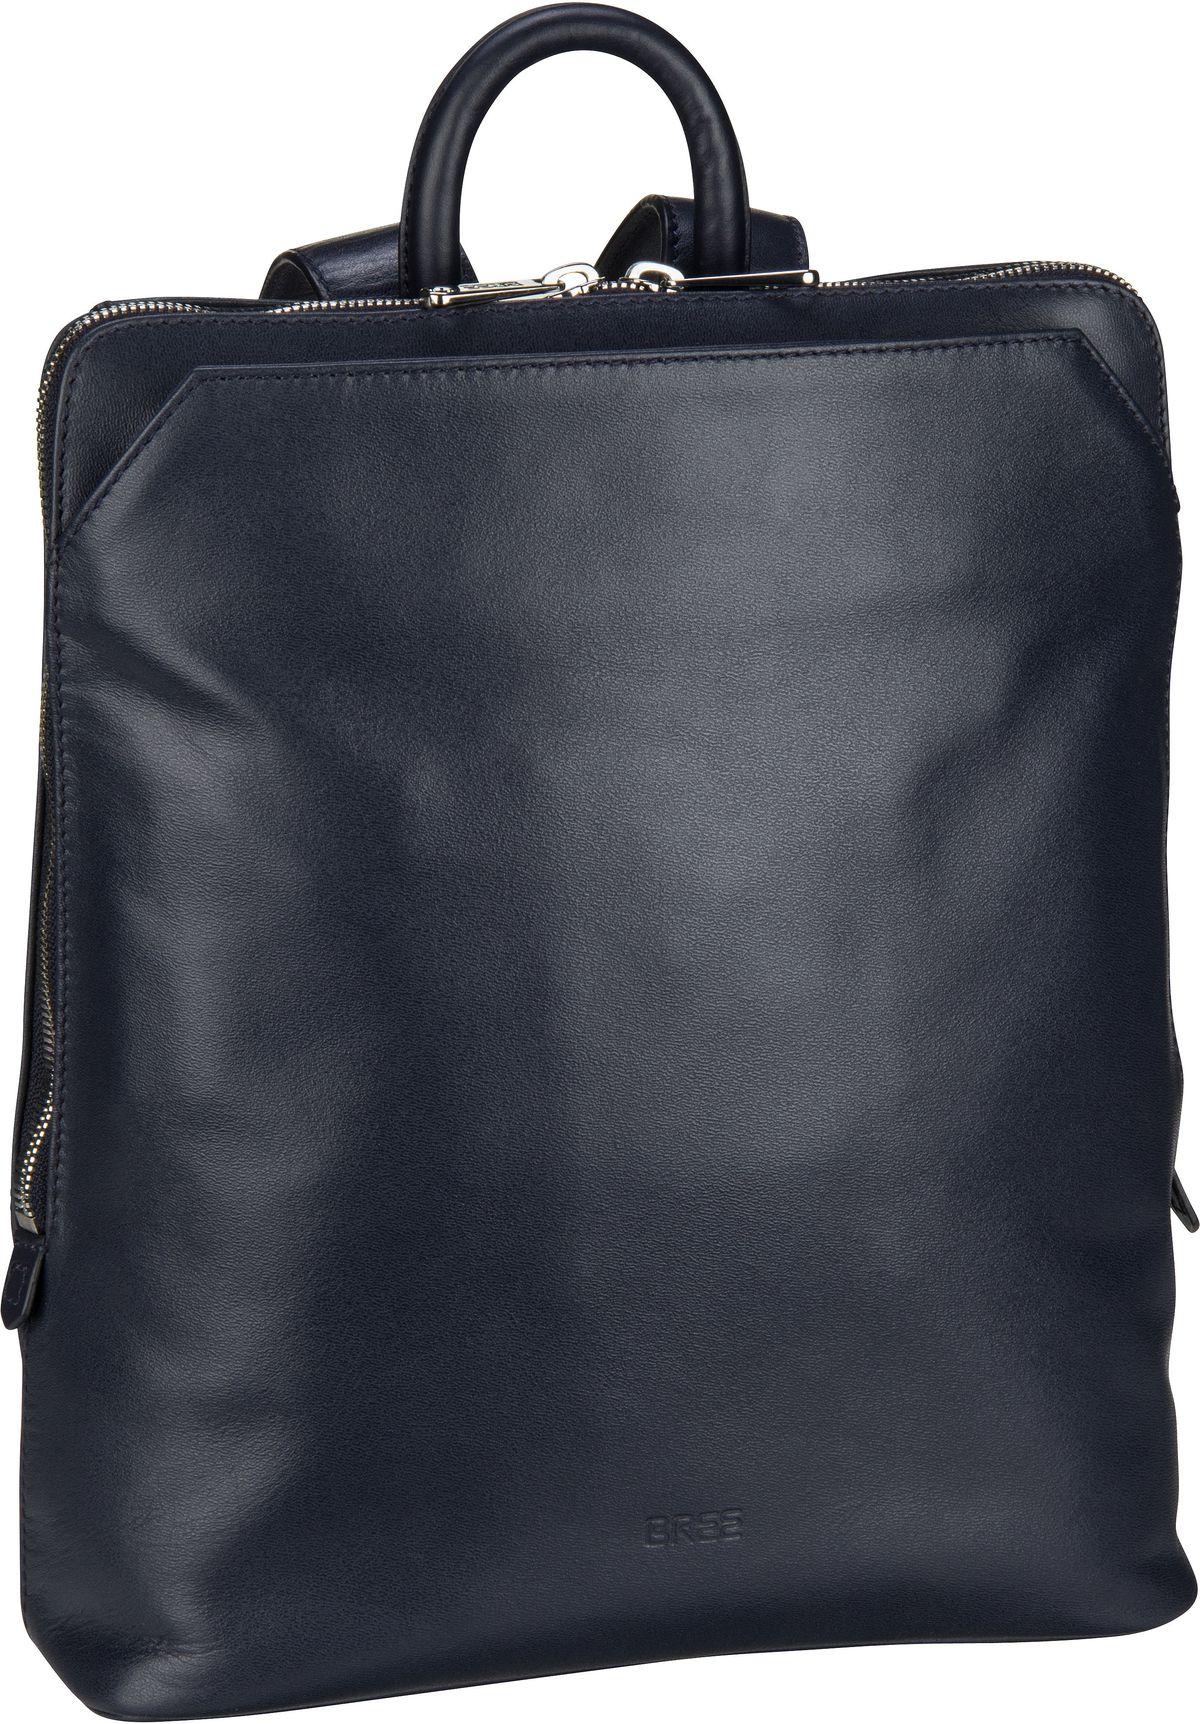 Rucksack / Daypack Chicago 8 Navy Blazer (11 Liter)